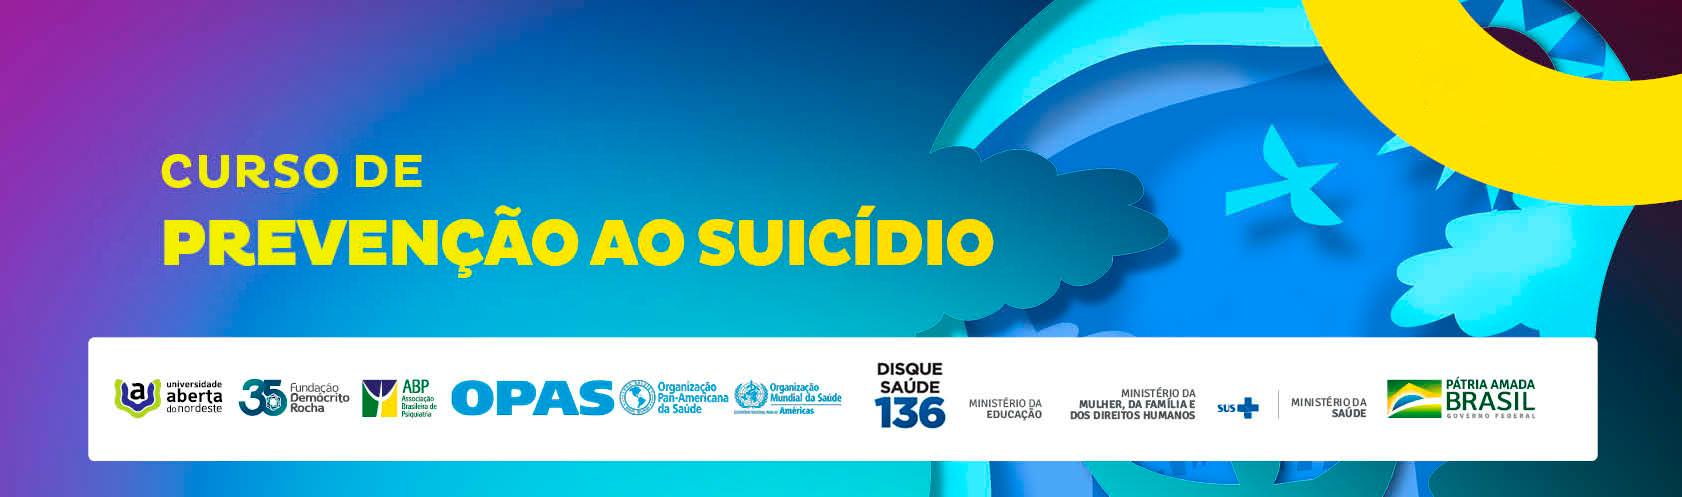 Course Image PREVENÇÃO AO SUICÍDIO - 2020.2